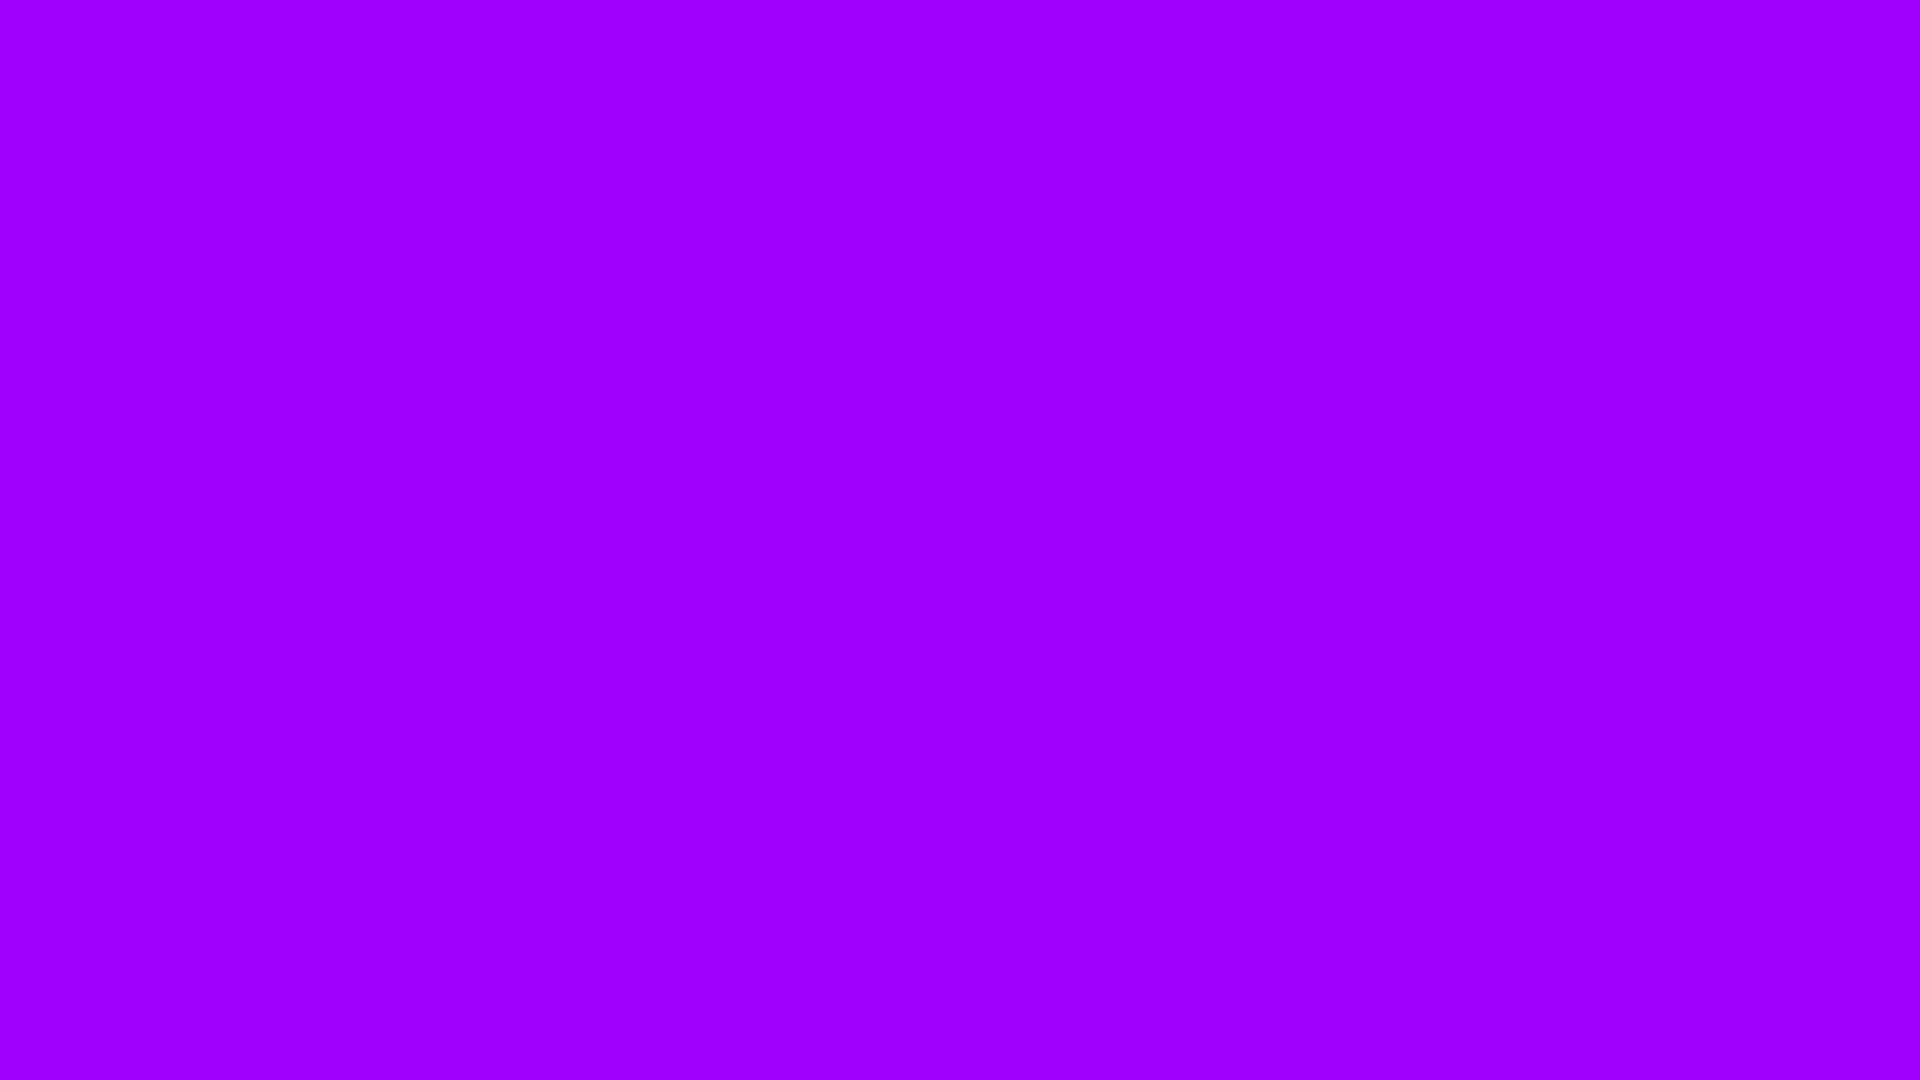 1920x1080 Vivid Violet Solid Color Background